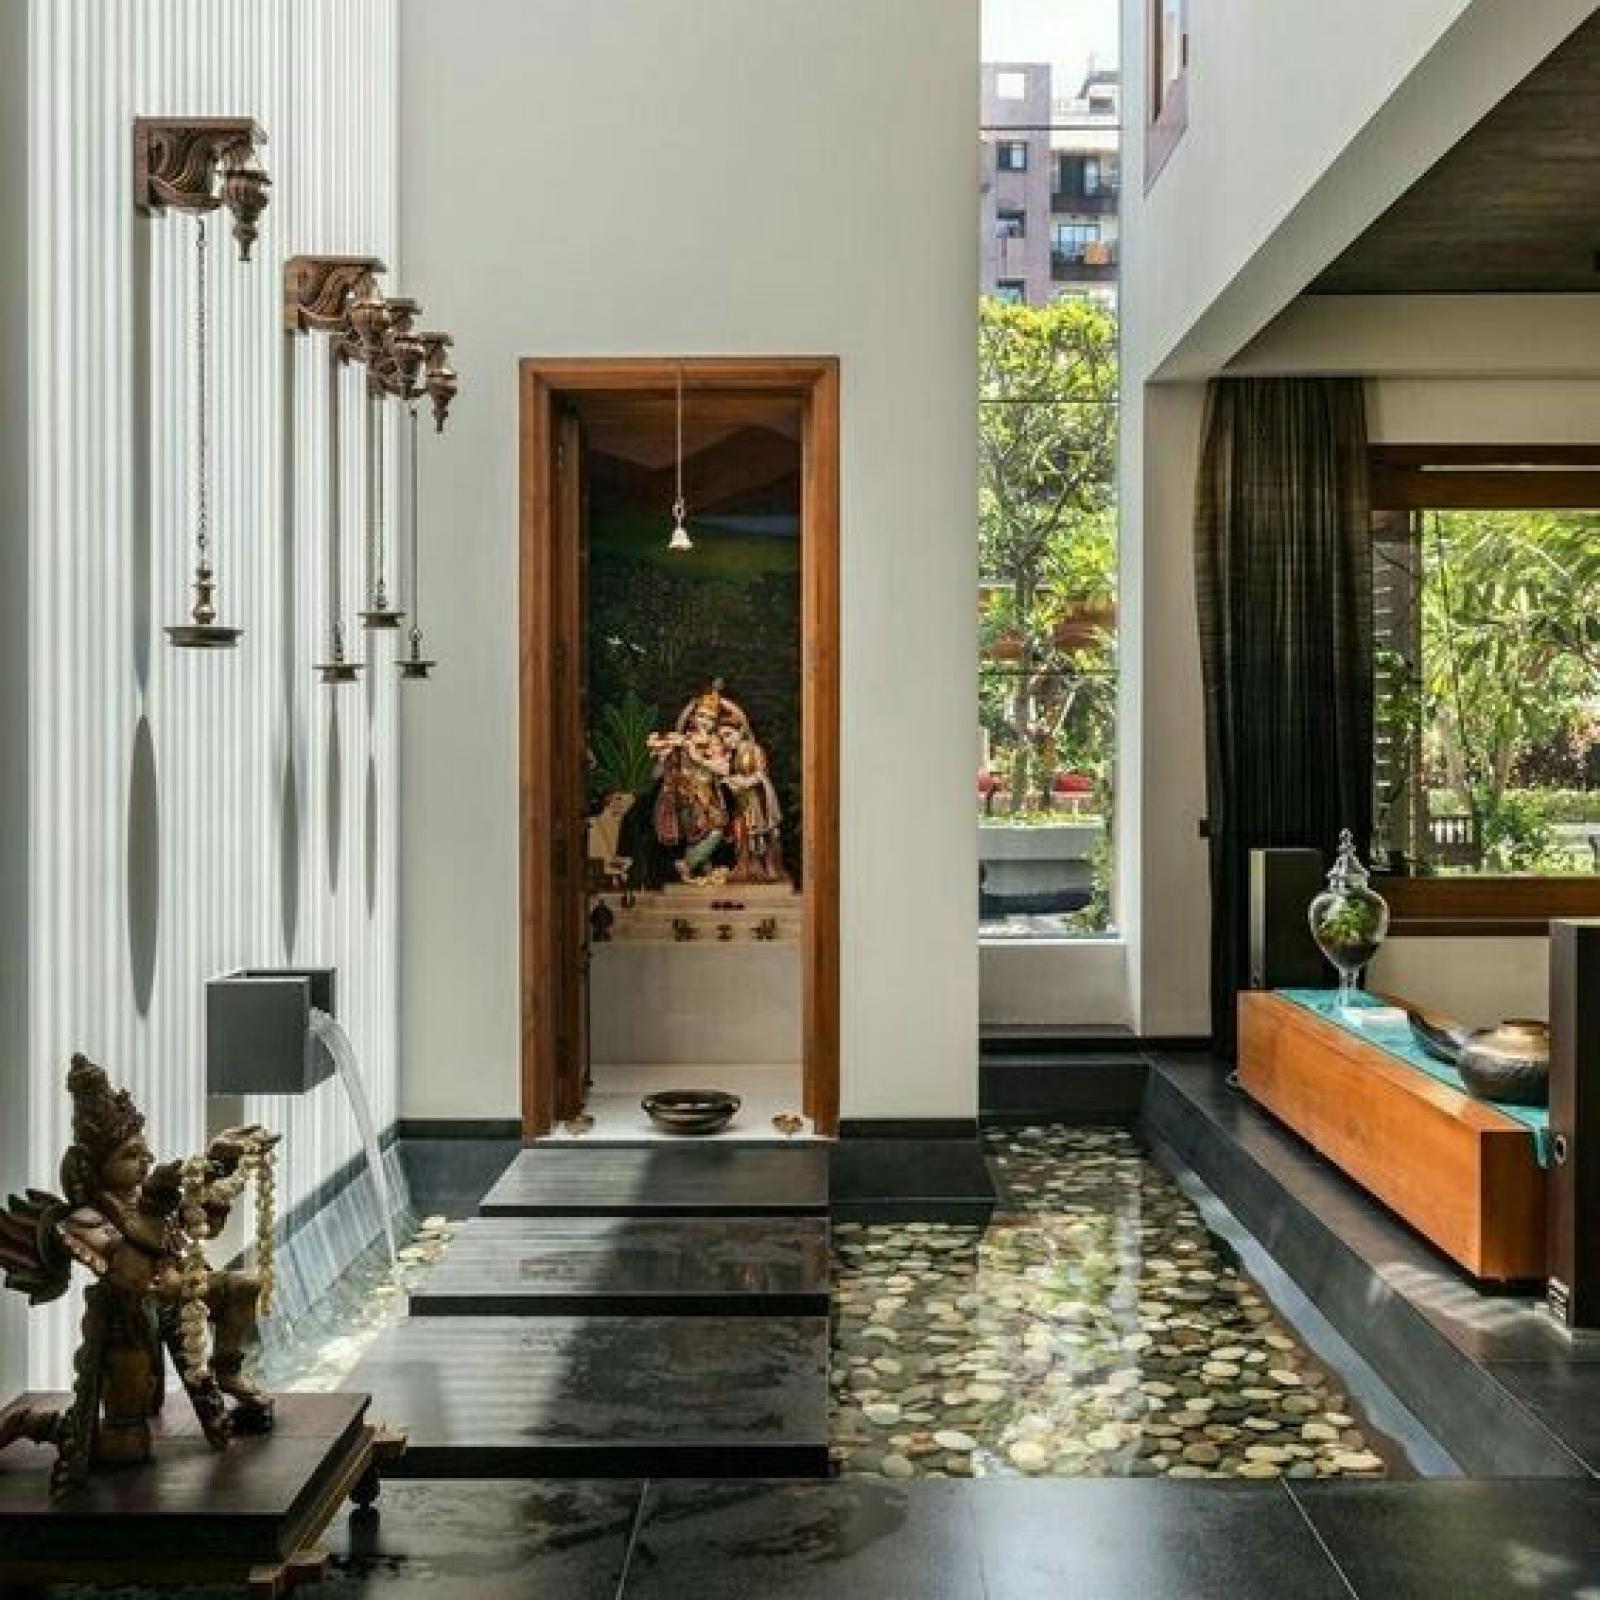 5 senses and interior design